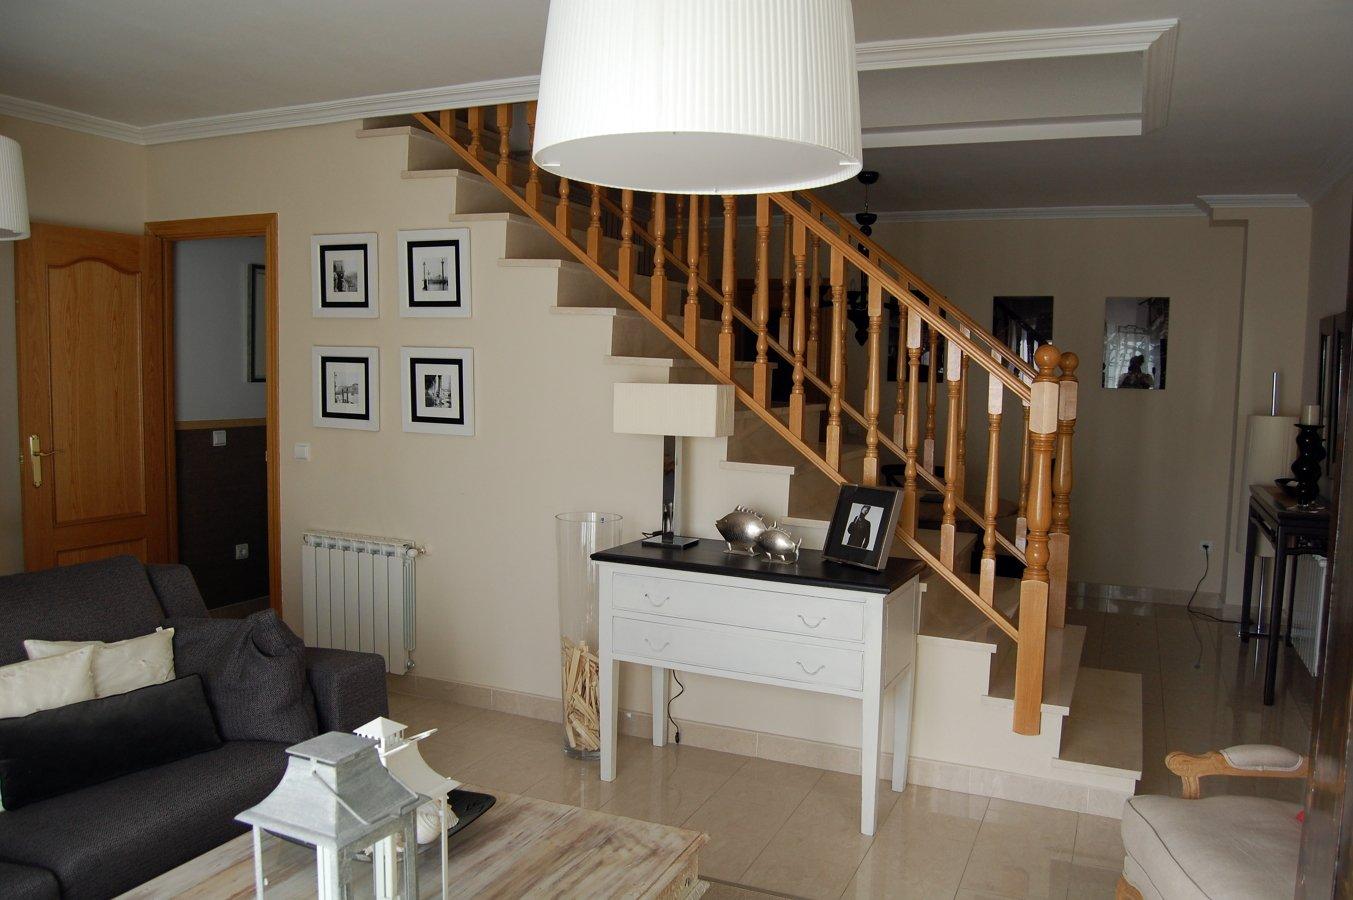 Foto sal n vista escalera de 215111 for Salones con escaleras interiores